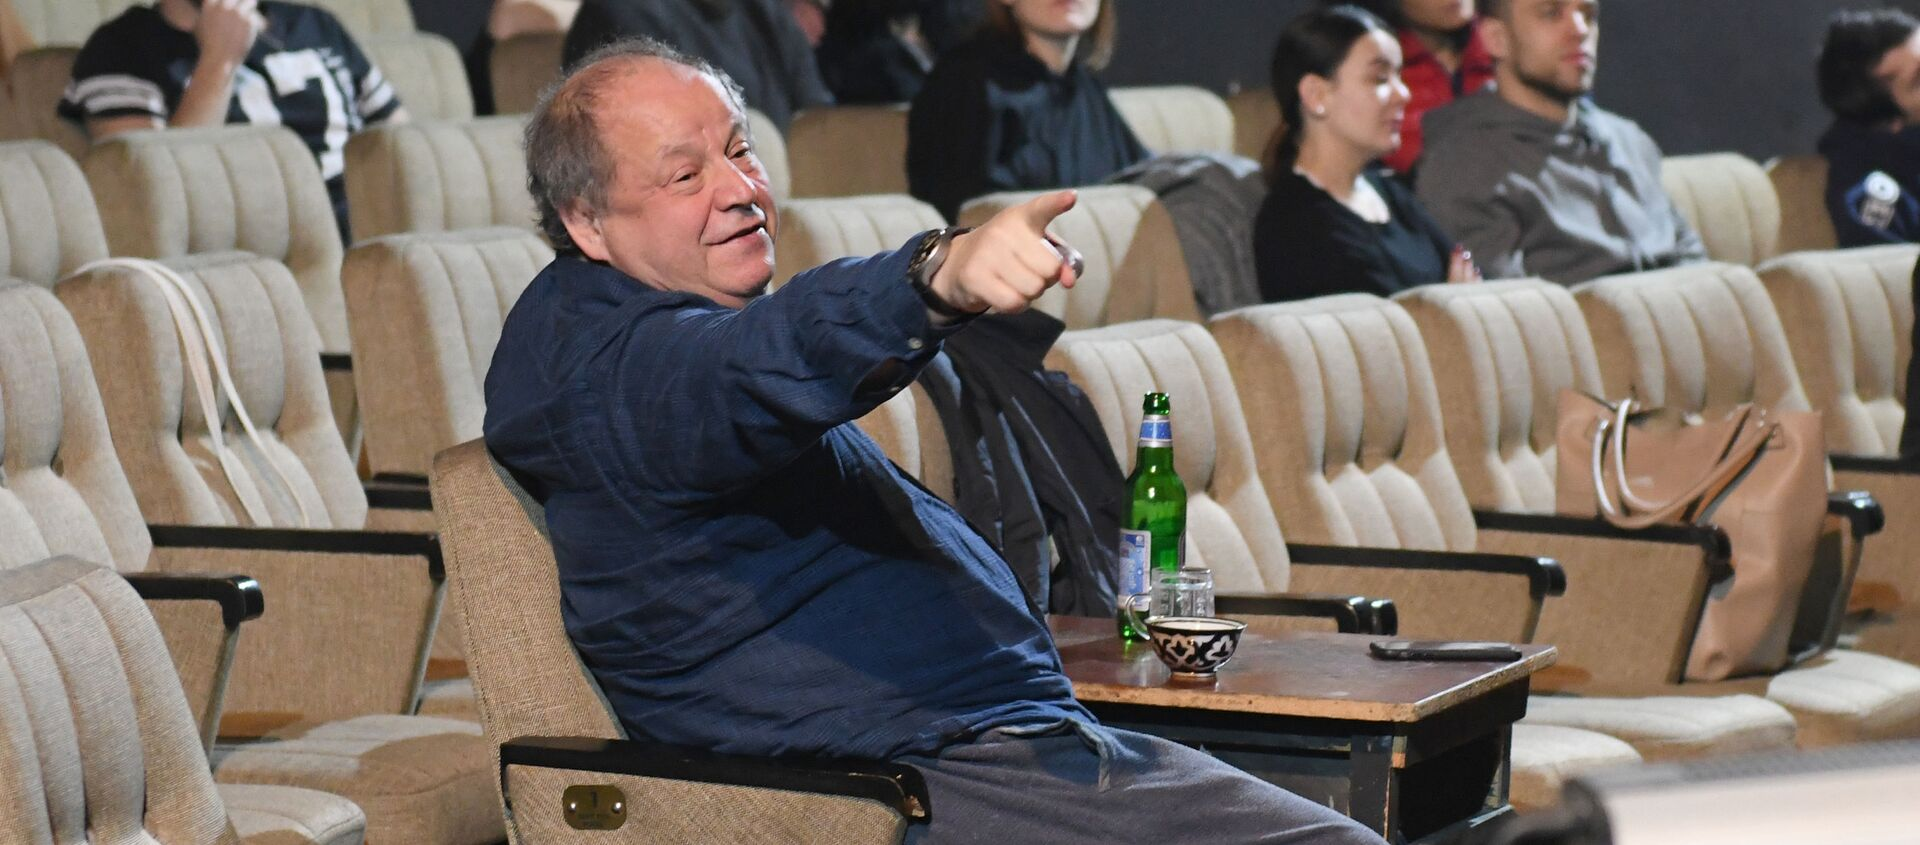 Российский режиссер театра и кино Дмитрий Астрахан во время репетиции в Ташкенте - Sputnik Узбекистан, 1920, 05.02.2021